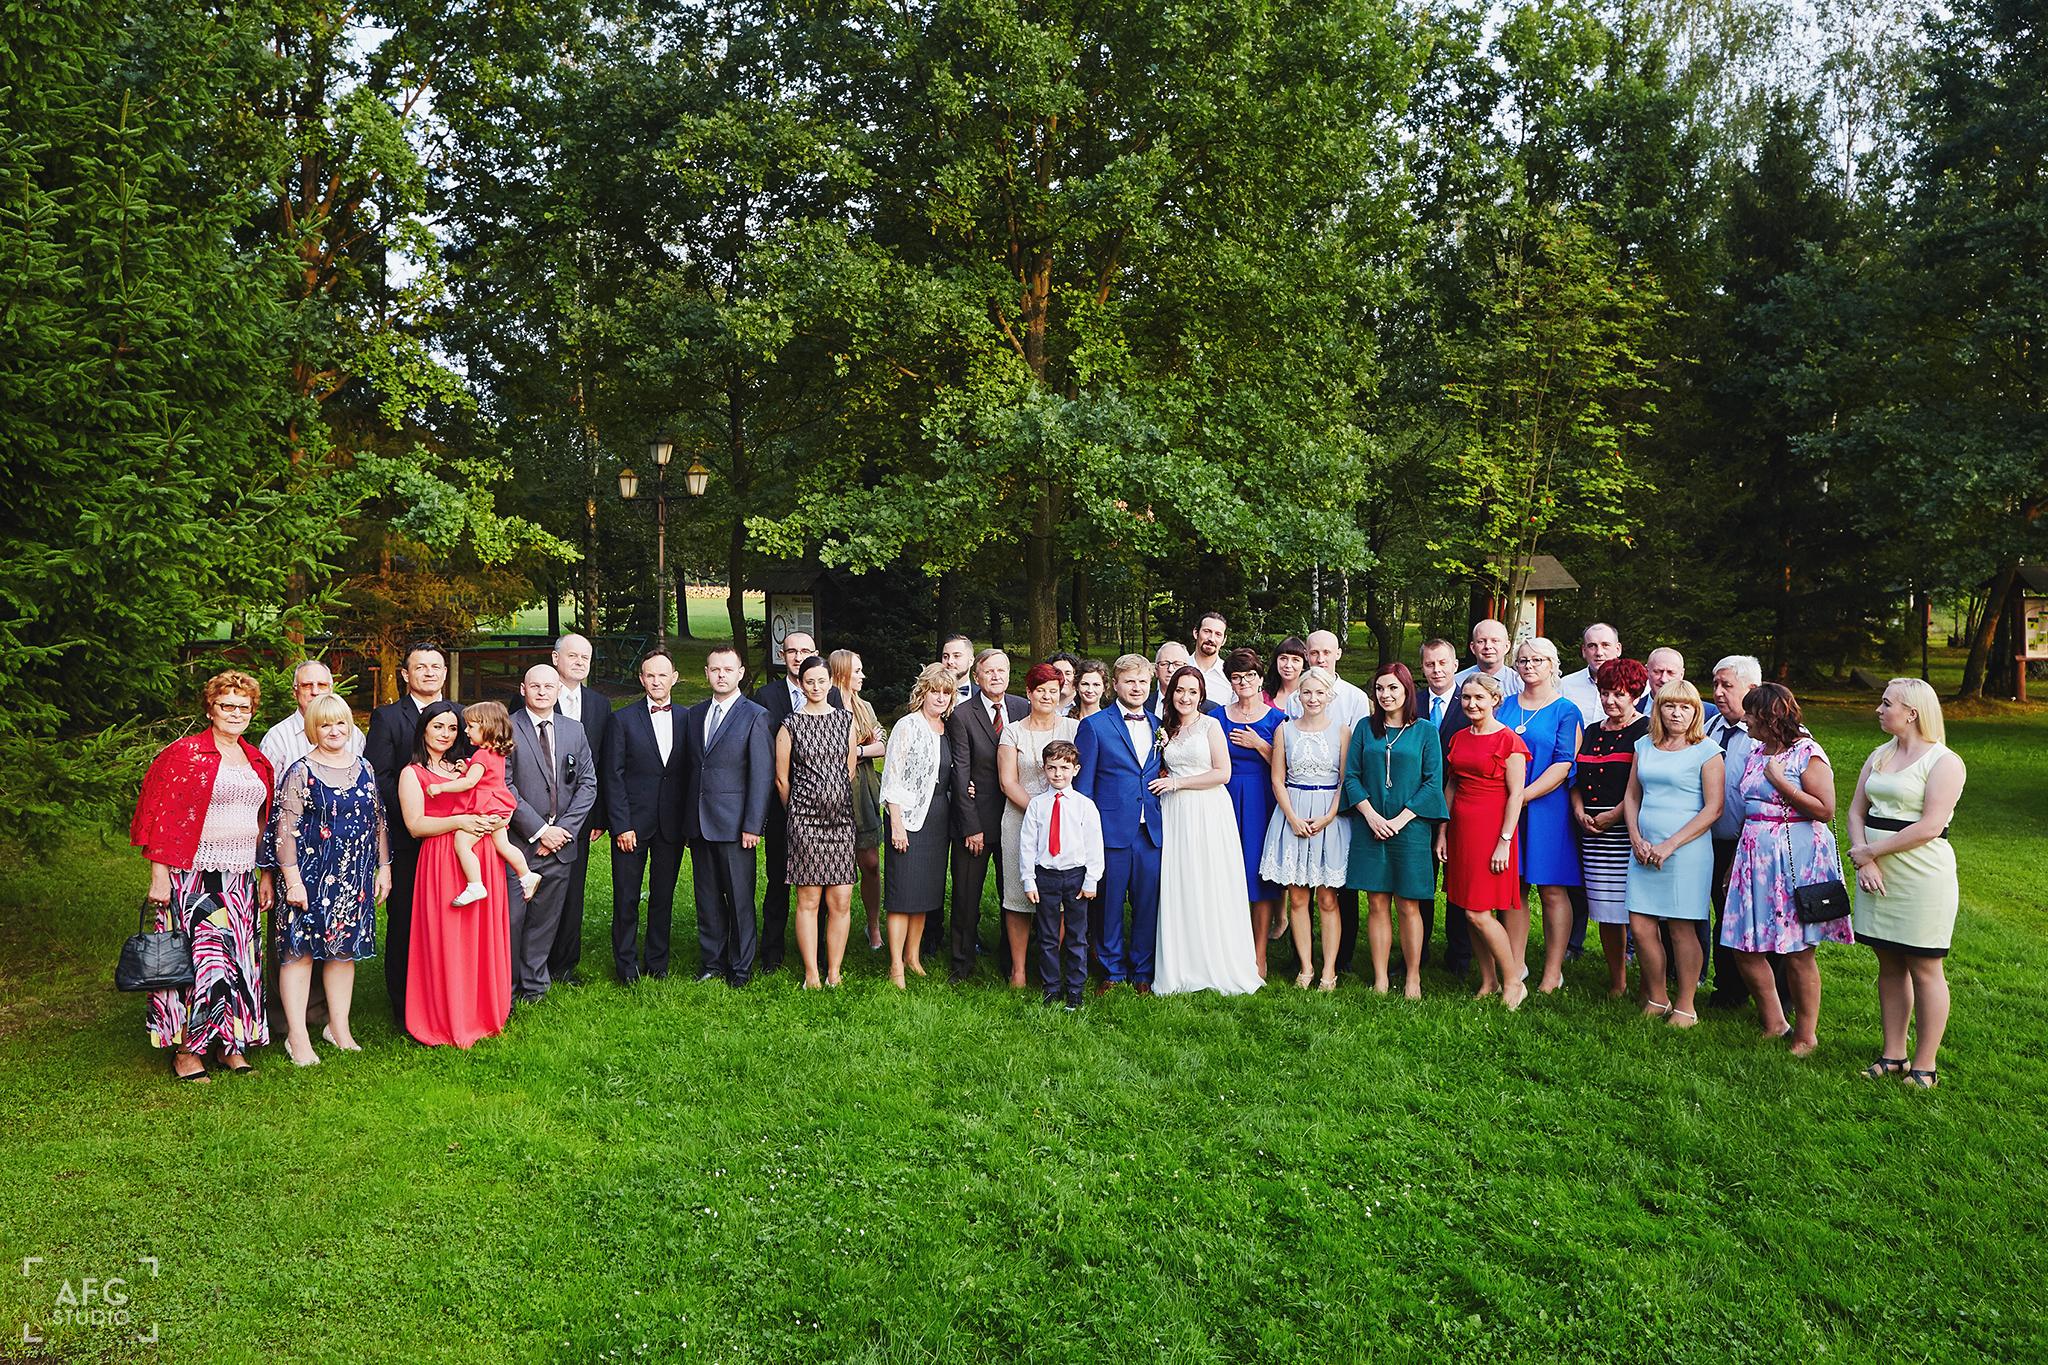 goście weselni, zdjęcie grupowe, para młoda